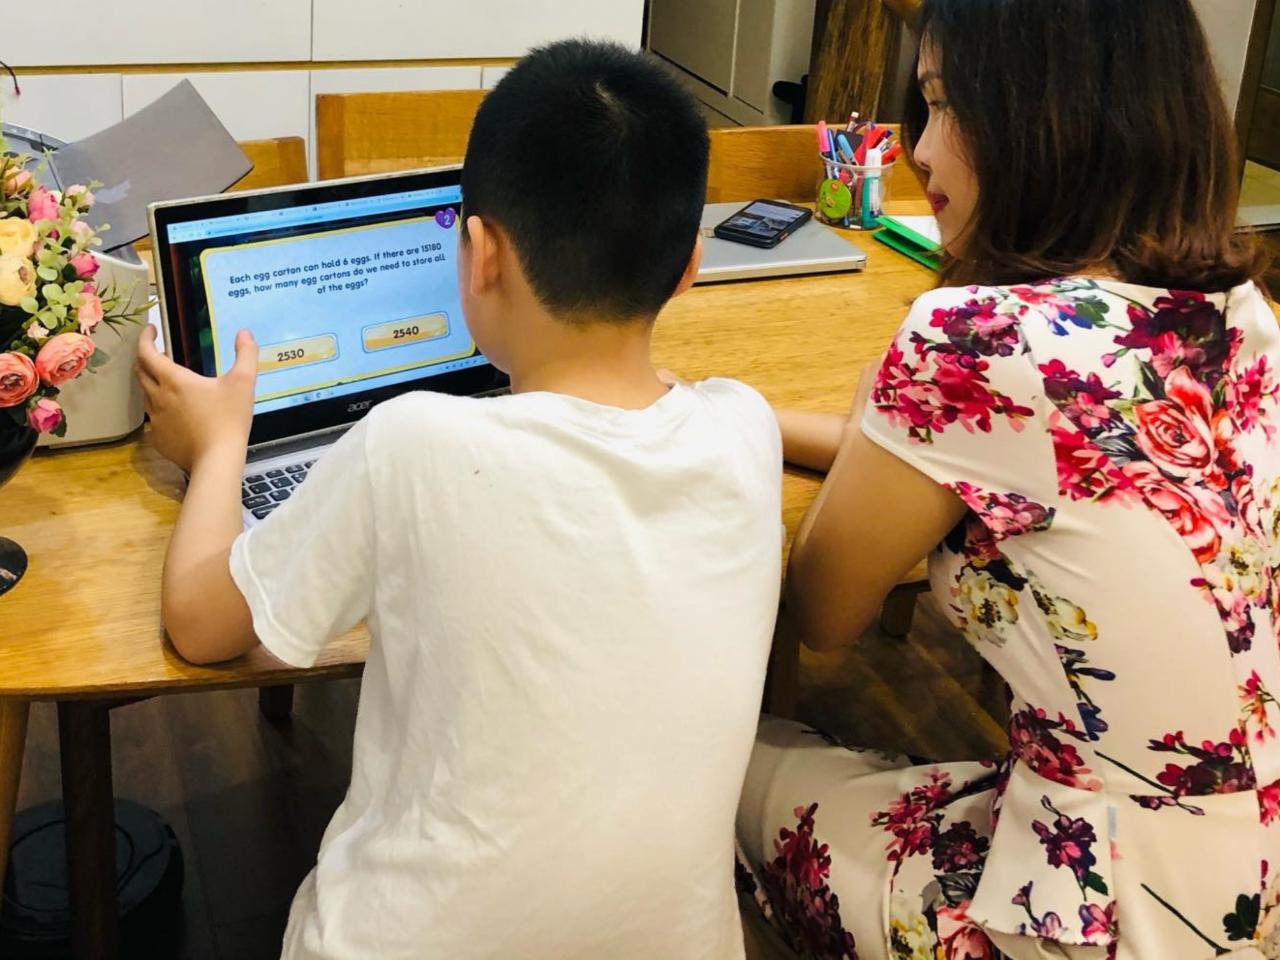 iSMART có hơn 10.000 chủ đề tiếng Anh Toán - Khoa học và hơn 500 trò chơi tương tác bằng tiếng Anh giúp học sinh chủ động ôn tập và rèn luyện kiến thức.